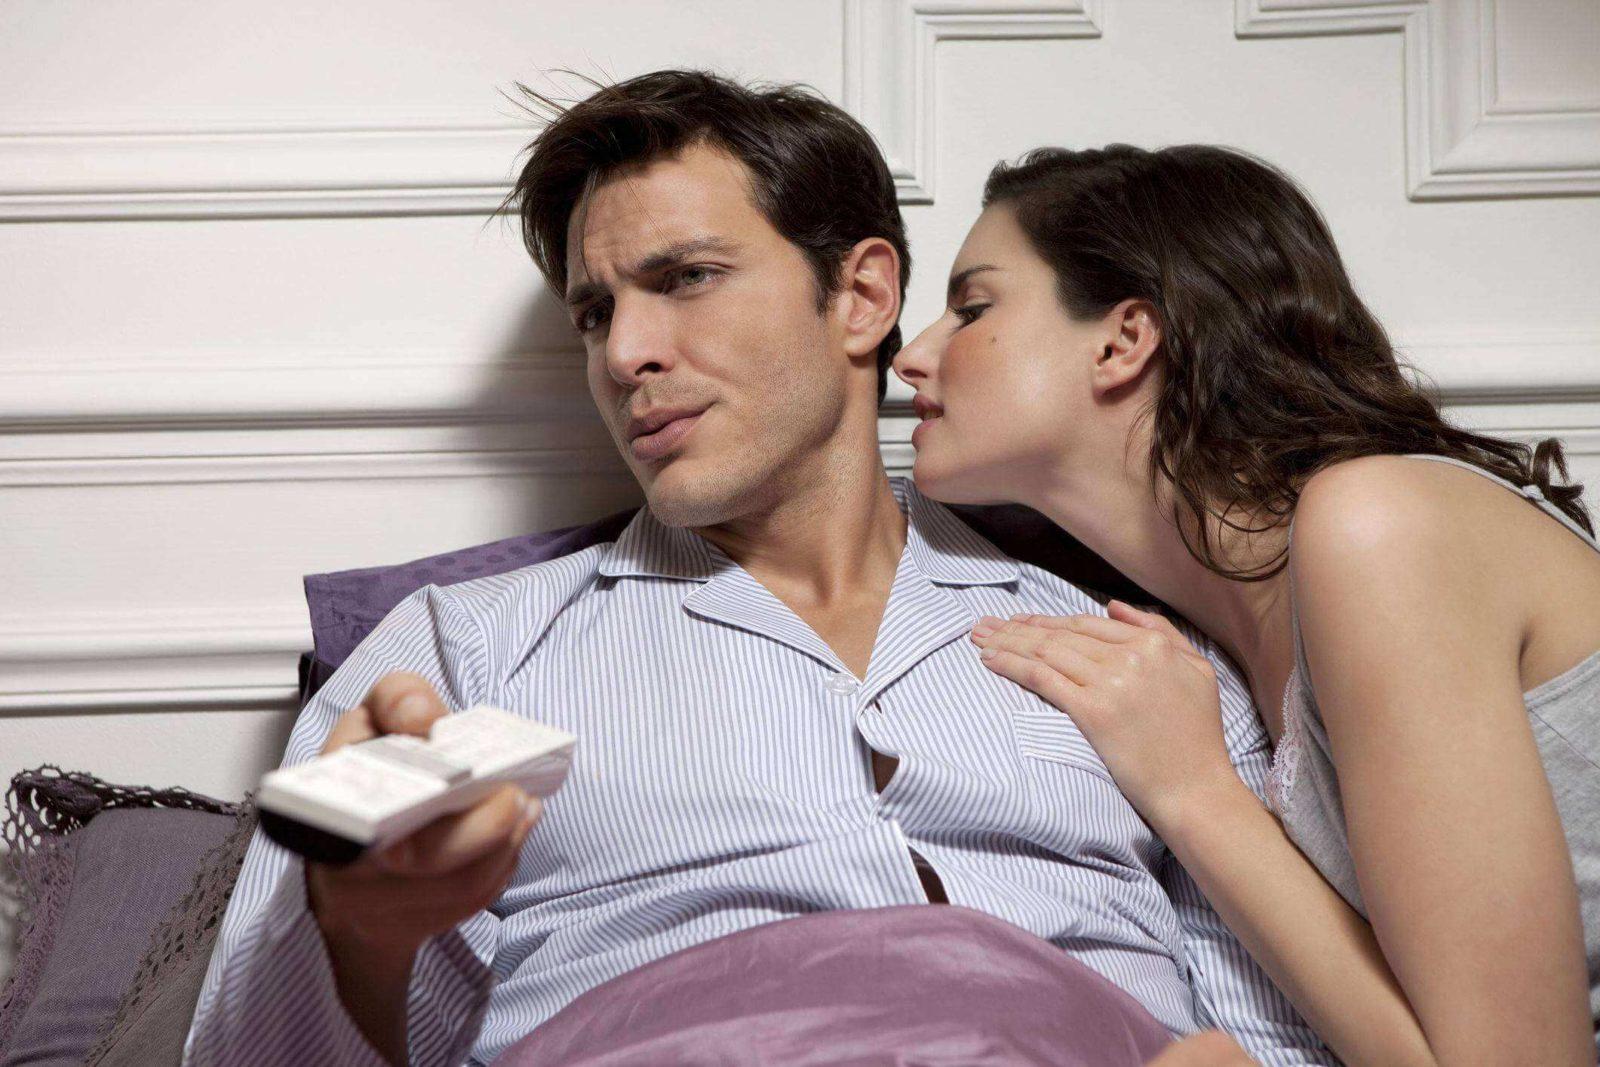 Муж не хочет близости с женой